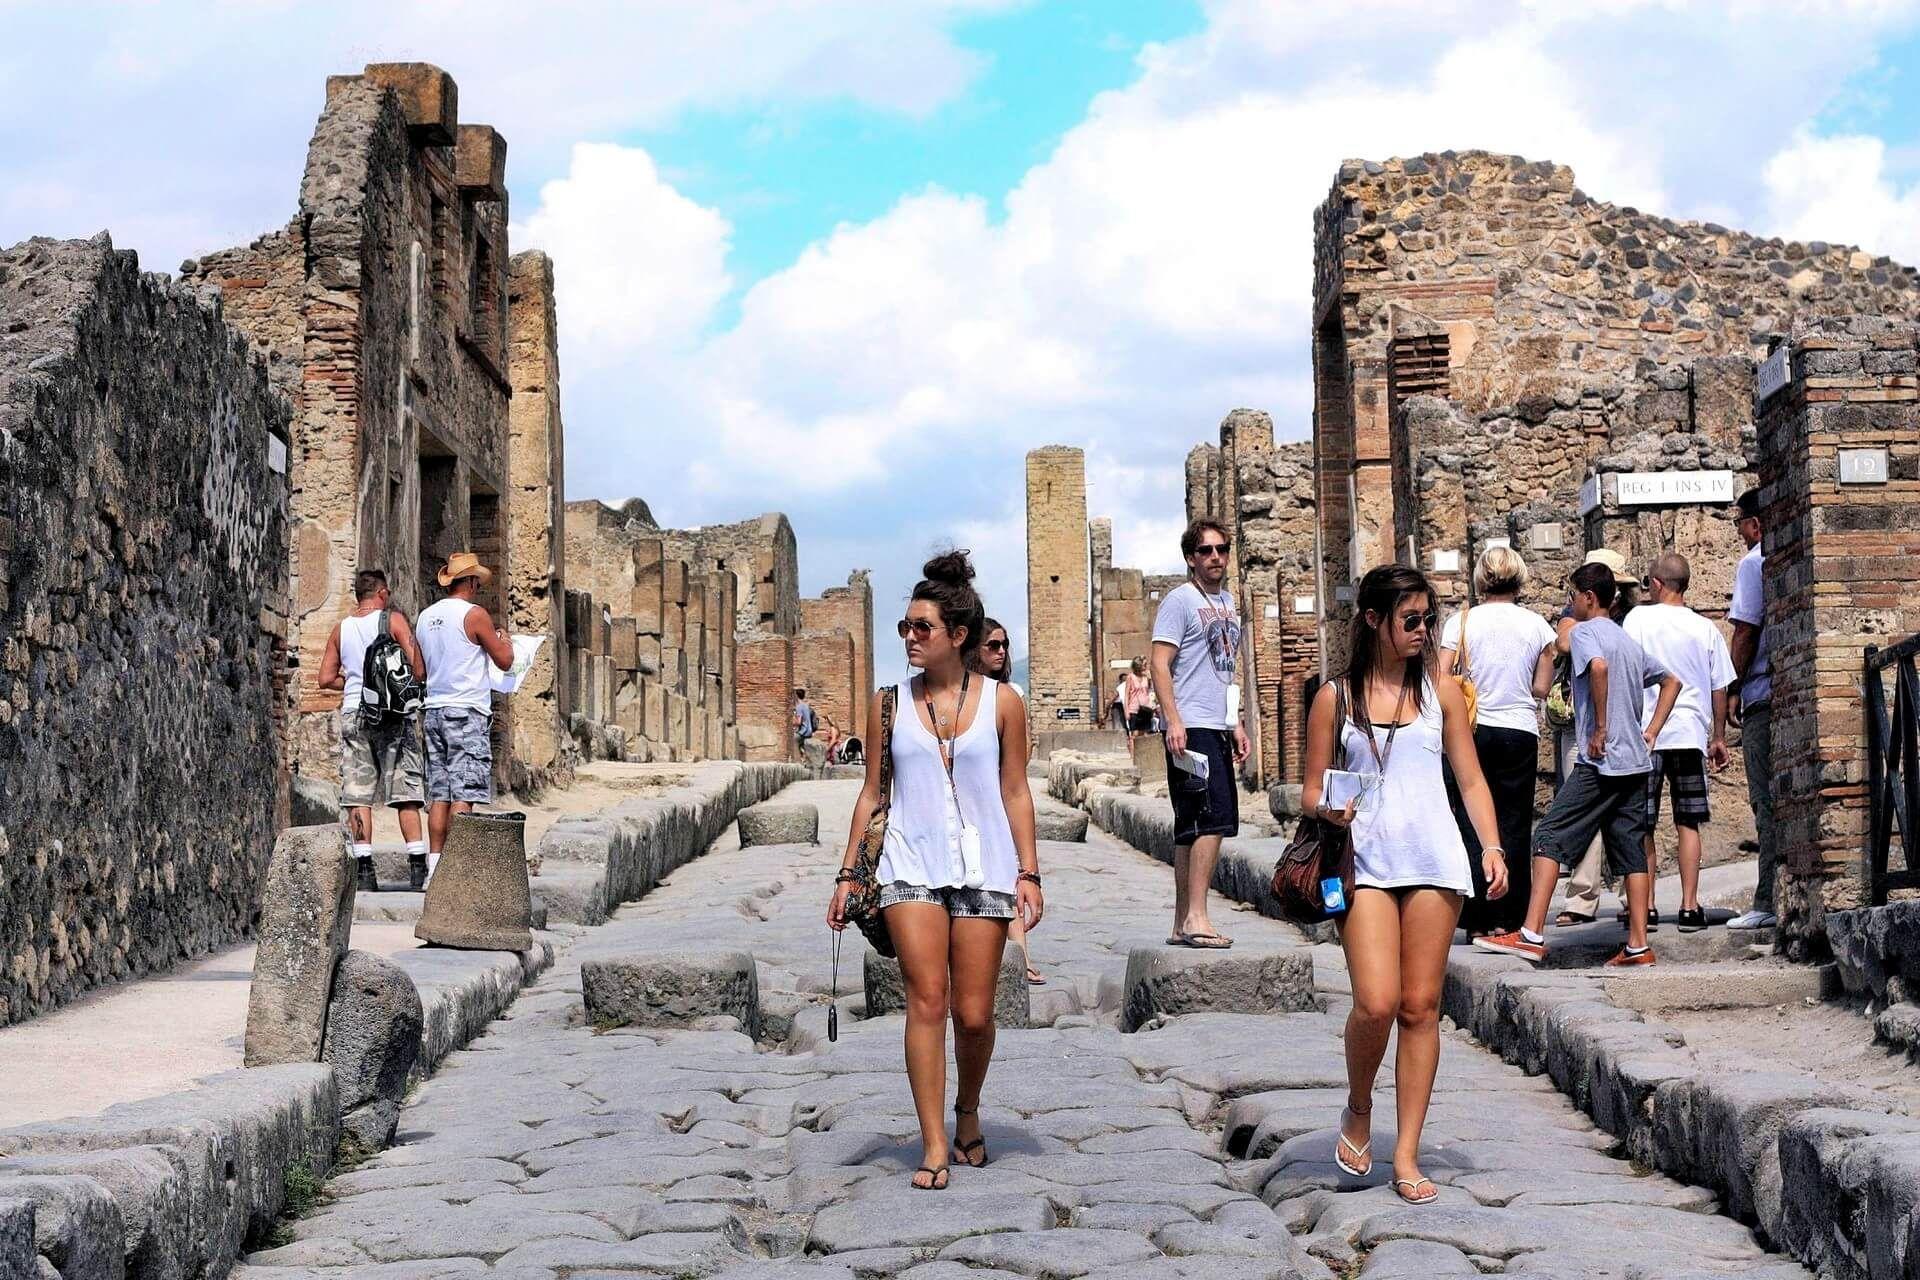 Италия открывает для туристов Помпеи